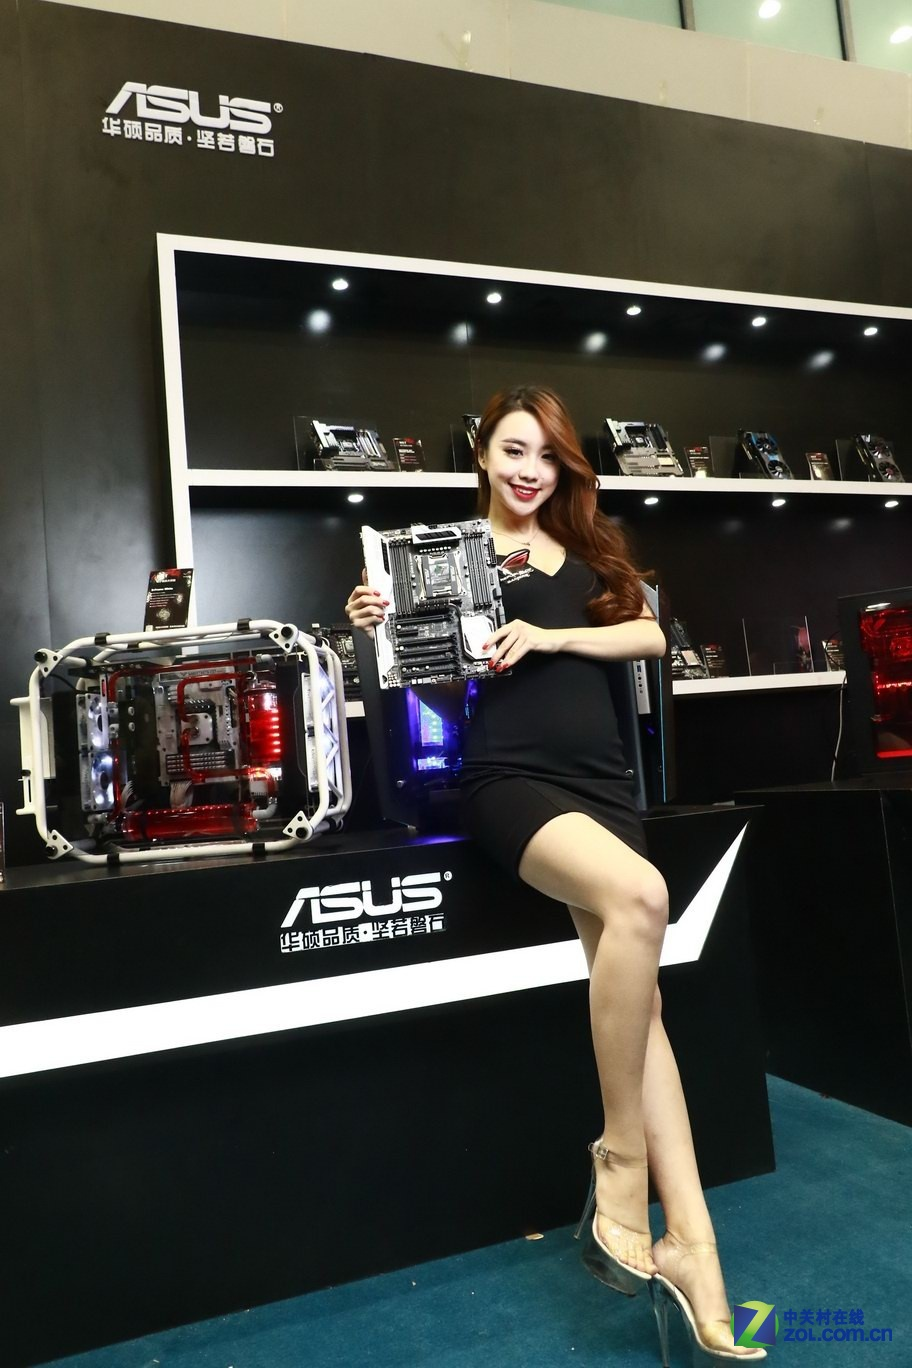 高能硬件配美女:WGT Showgirl高清图赏